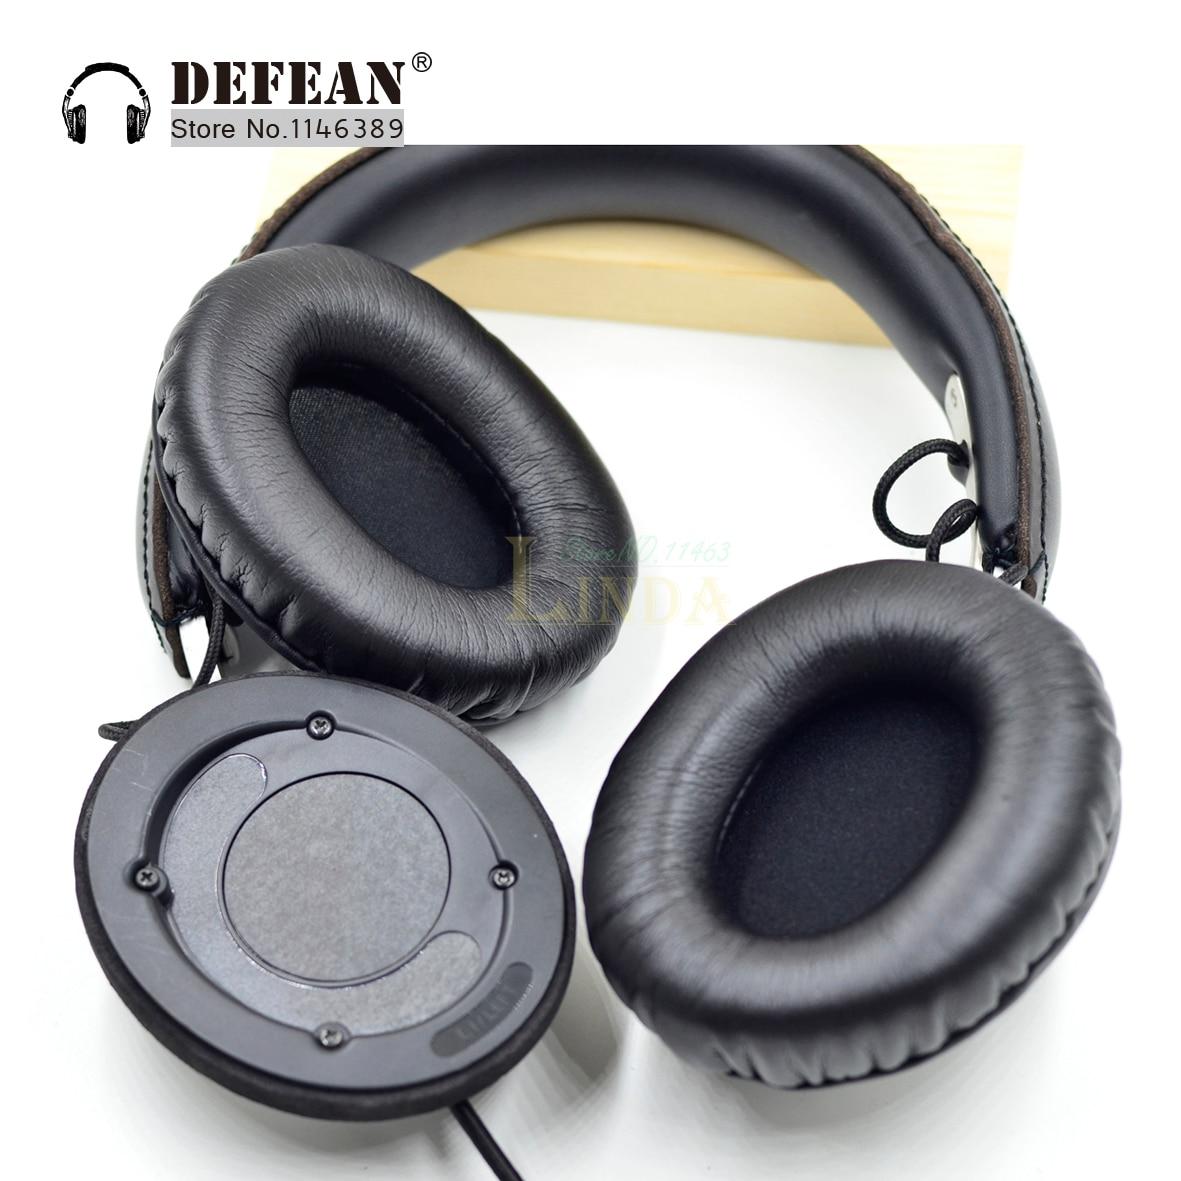 Reemplazo de almohadillas cojín para Philips Fidelio L1 L2 sobre la oreja auriculares